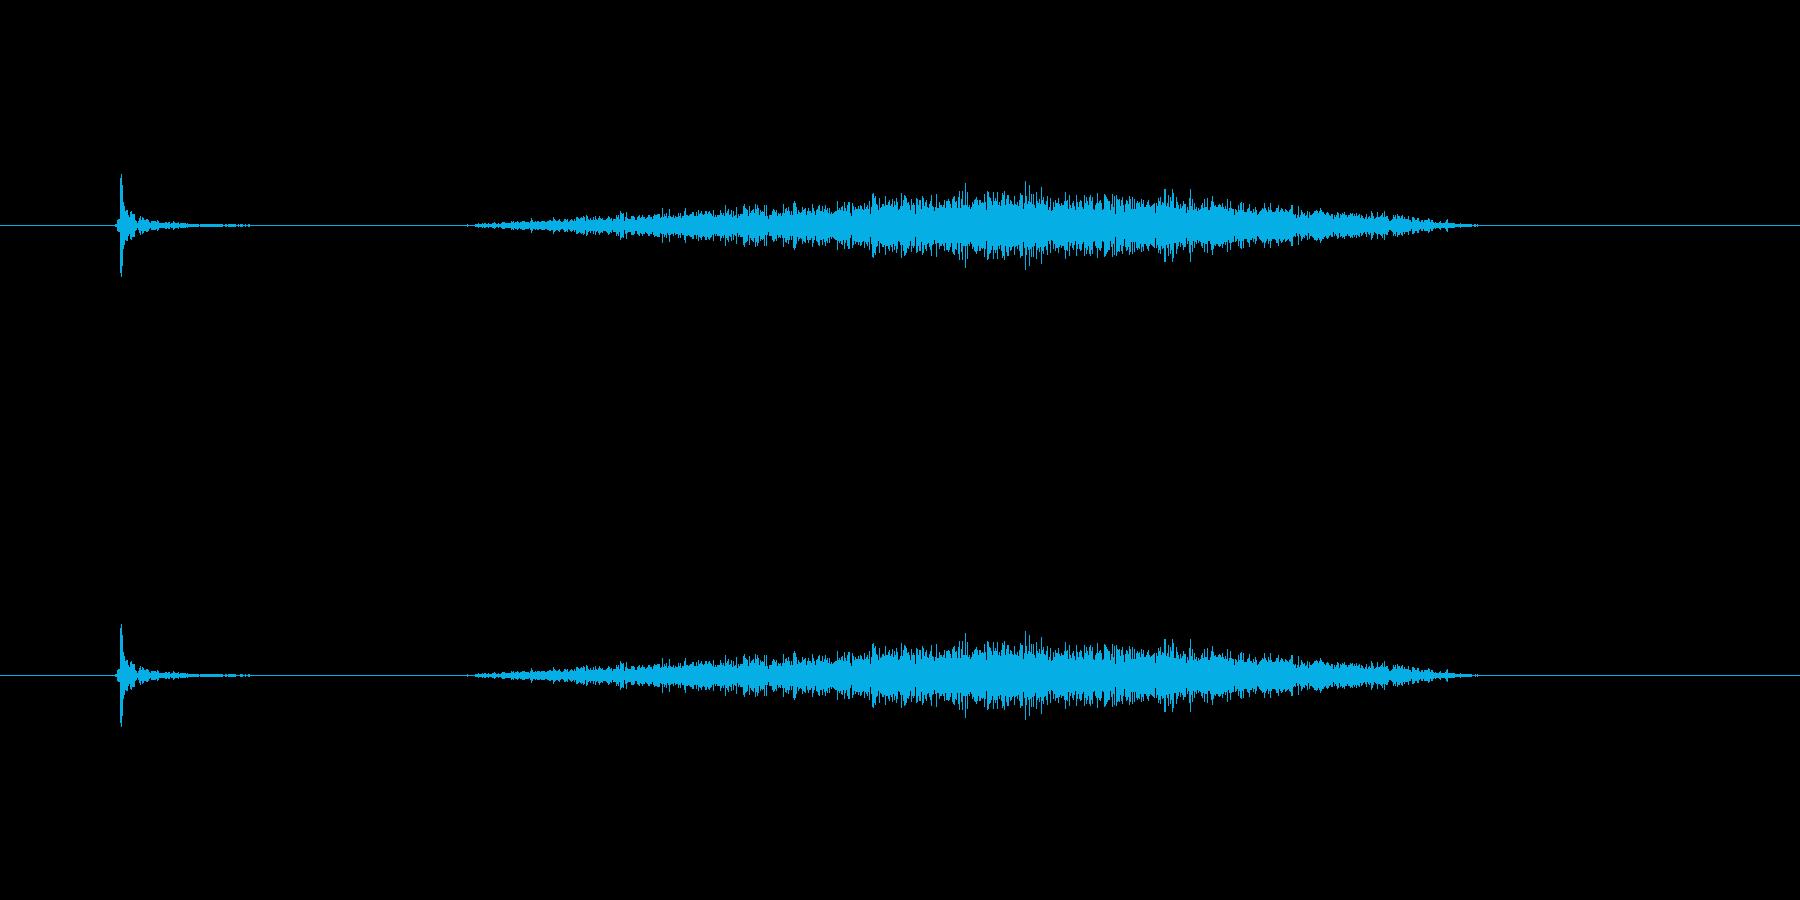 【カッター01-5(切る 紙)】の再生済みの波形